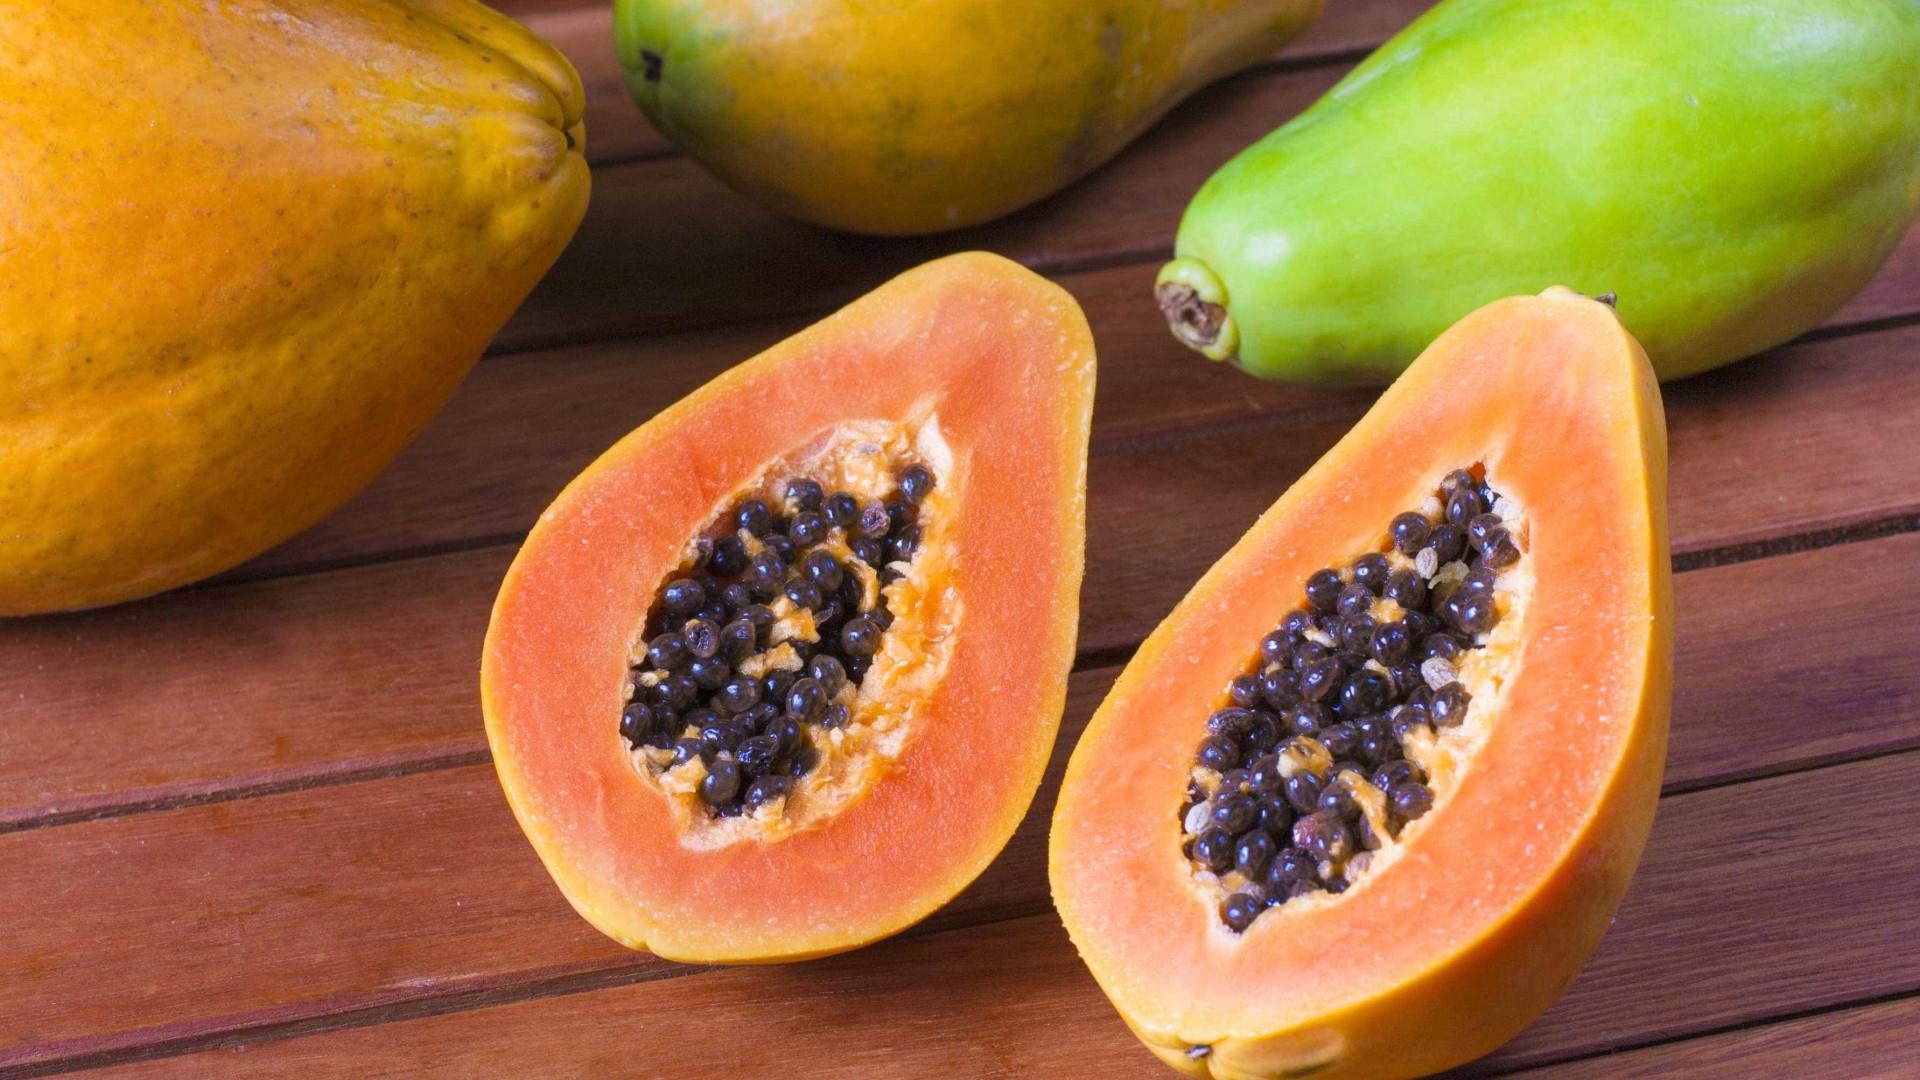 naom 58bff472b8424 - Mamão papaia tem ação anticancerígena, aponta estudo da USP